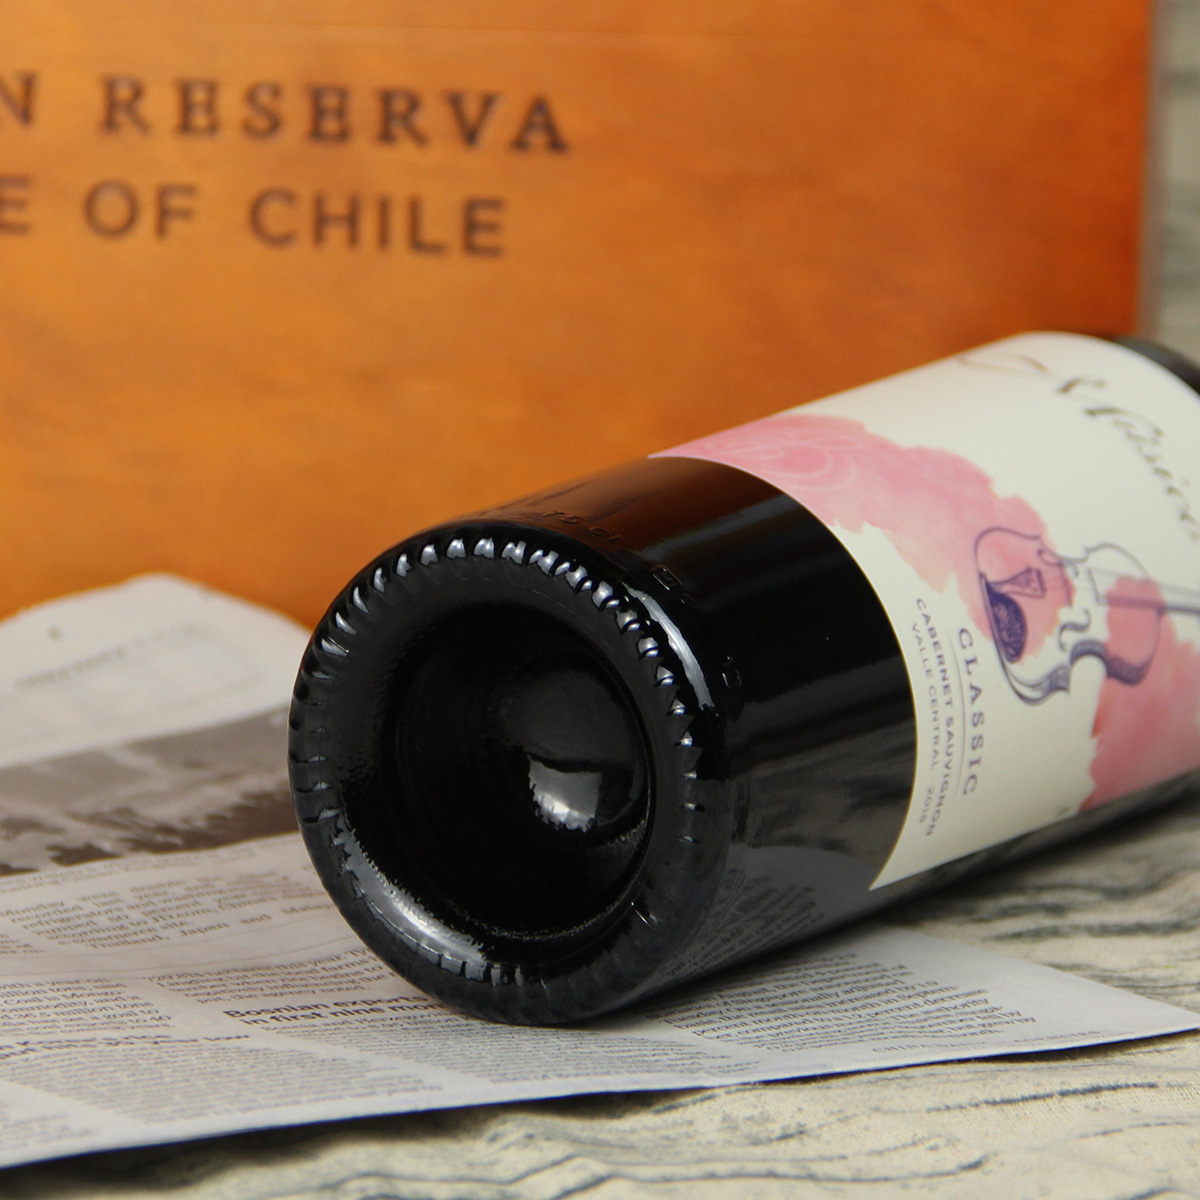 智利中央山谷Musico酒庄音乐家小提琴赤霞珠红葡萄酒